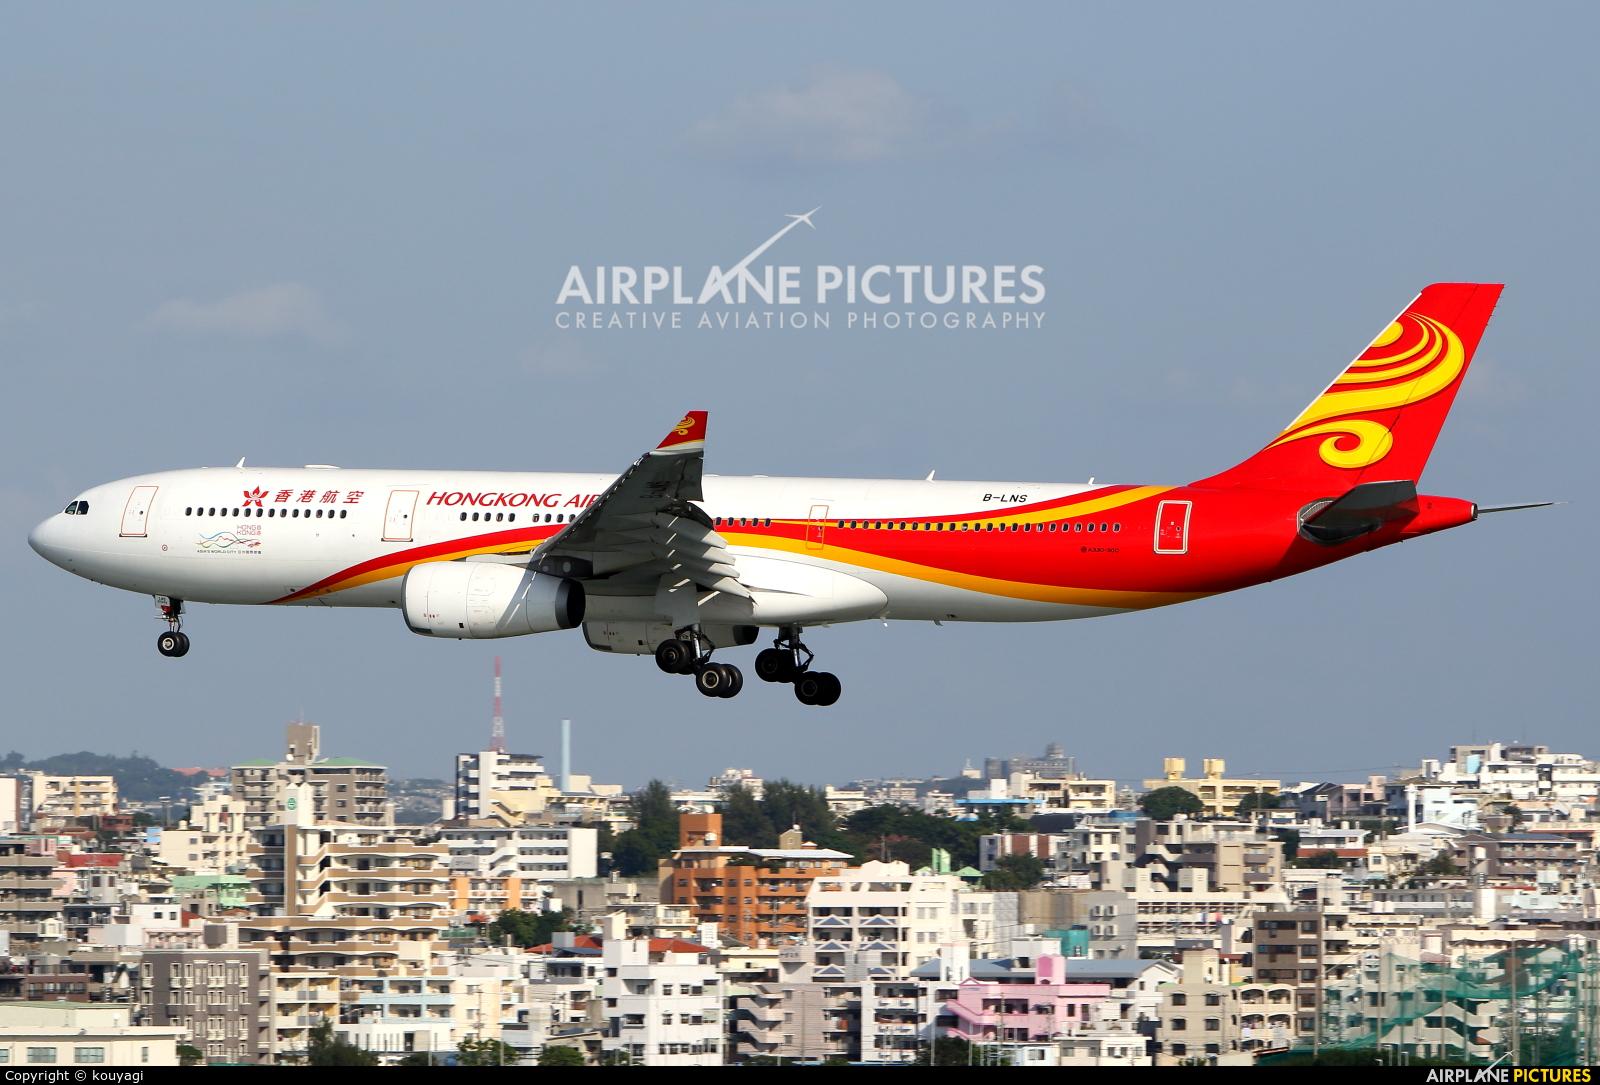 Hong Kong Airlines B-LNS aircraft at Naha